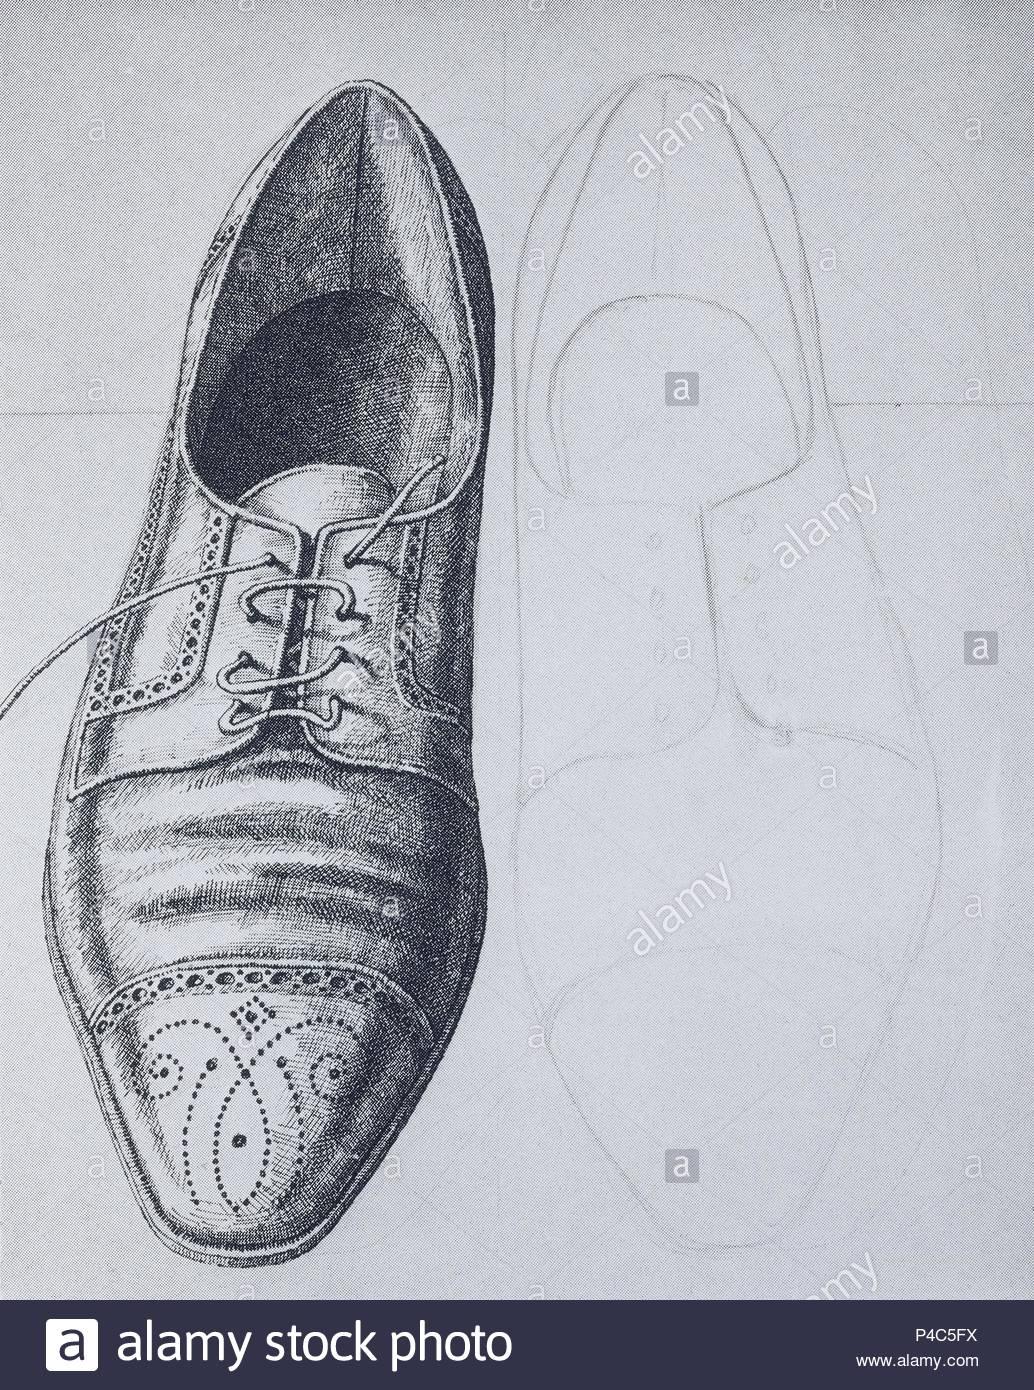 EL ZAPATO. Thema: Domenico Gnoli (1933 1970 Stockfoto, Bild